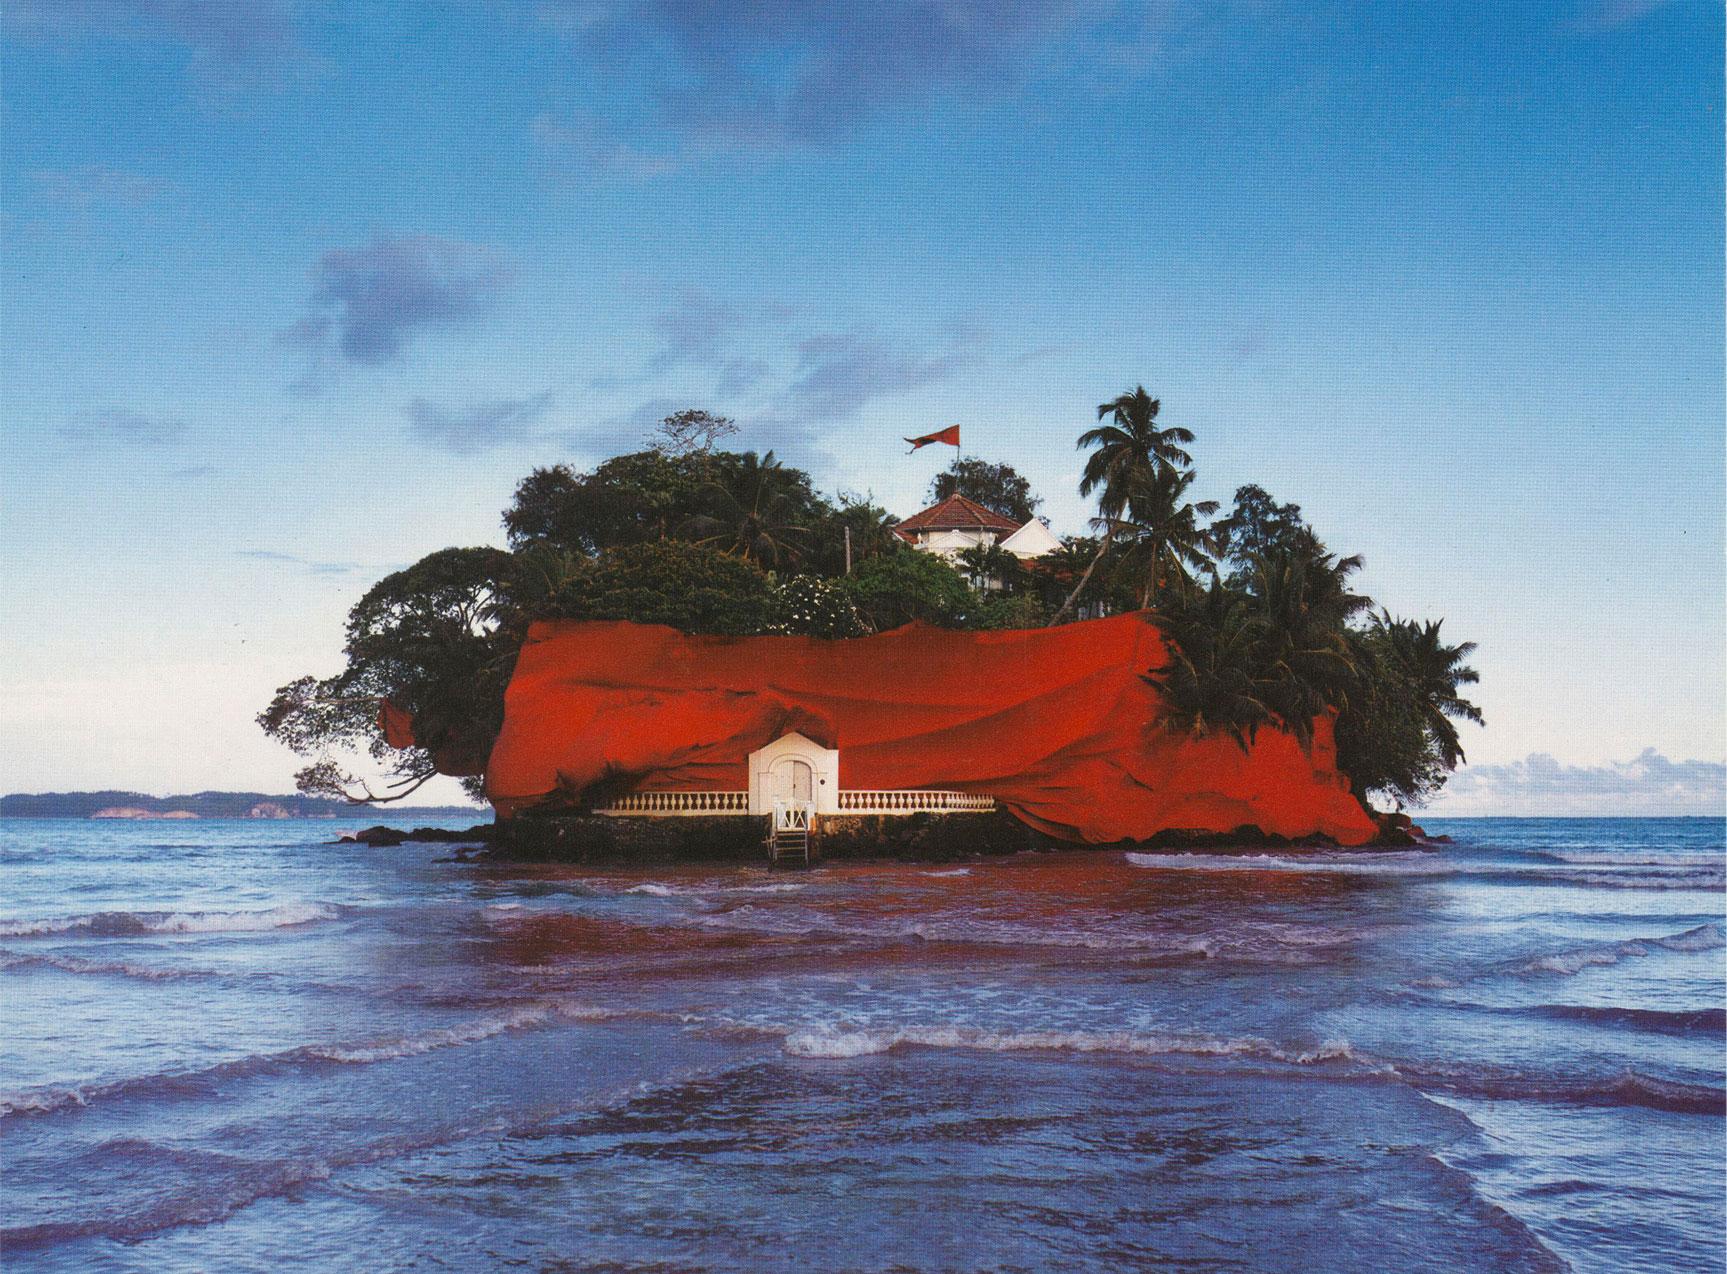 TAPROBANE ISLAND WRAP - MALABAR COTTON COMPANY - WELIGAMA - SRI LANKA